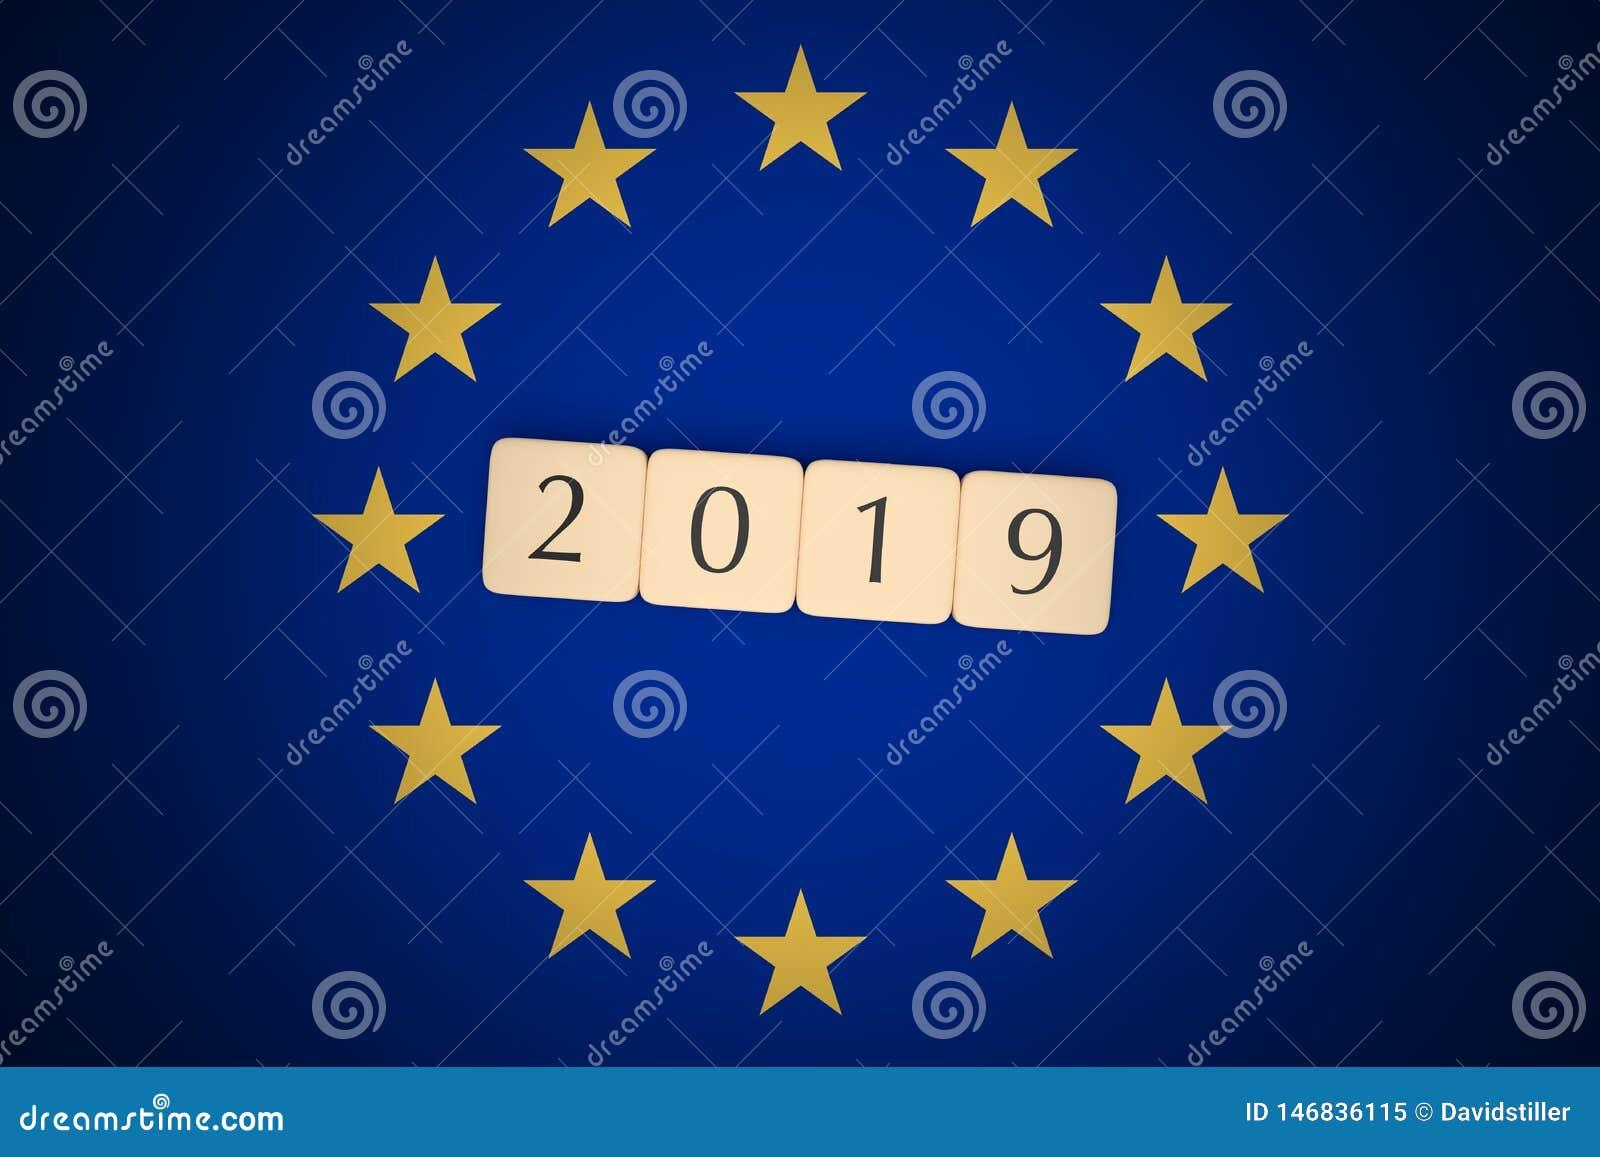 Letter Tiles 2019 With EU Flag, 3d illustration